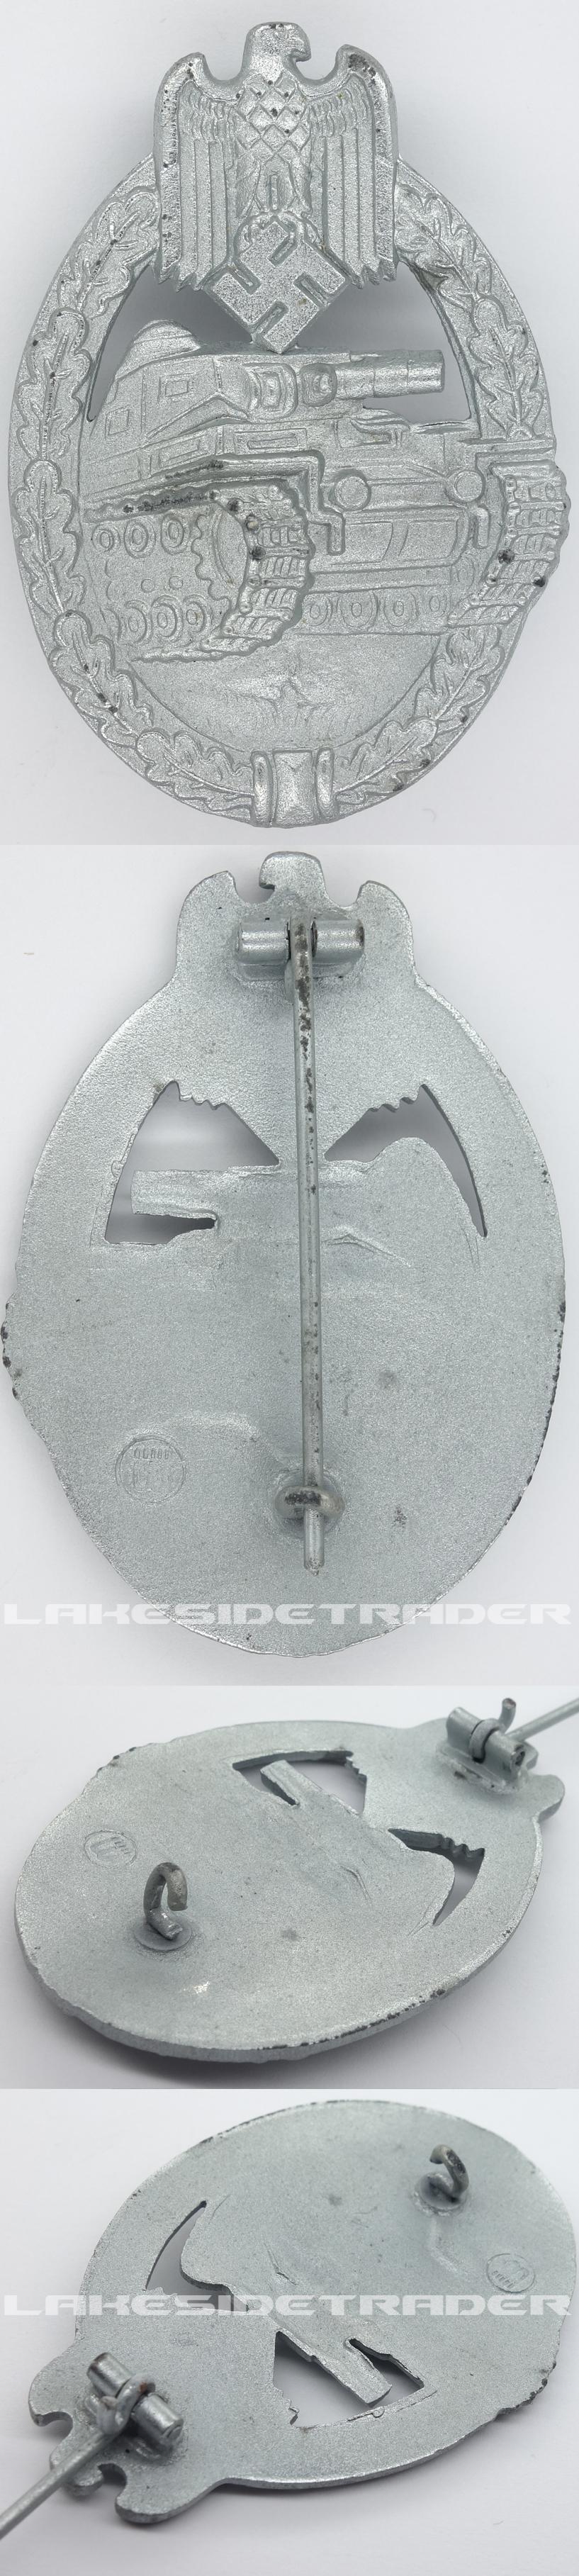 Beauty Silver Panzer Assault Badge by F. Wiedmann